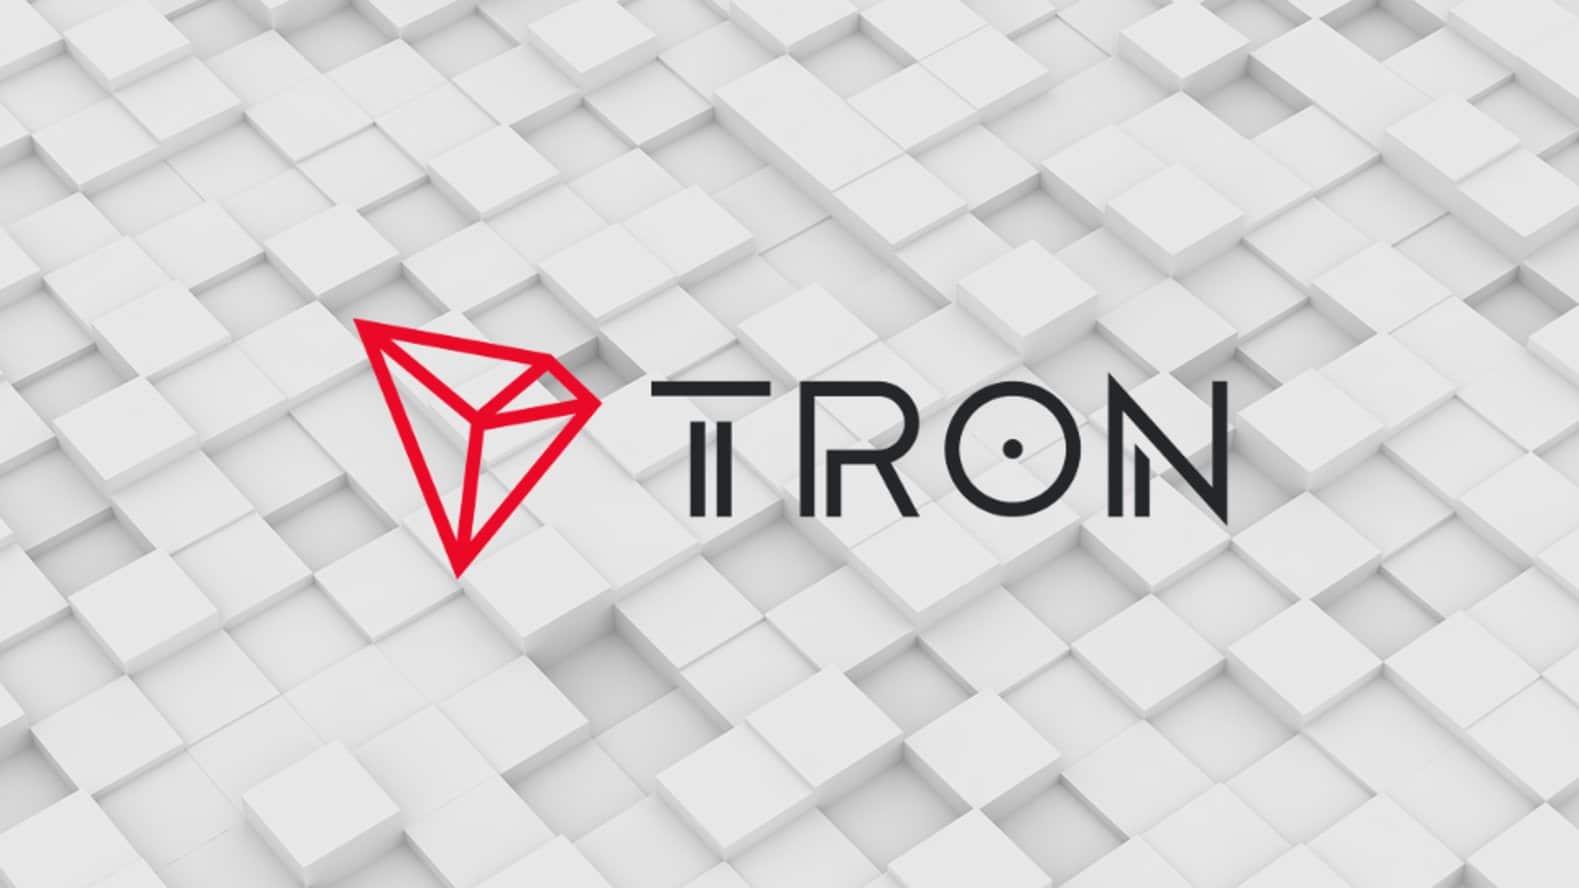 Tron: lanciato il progetto SUN Genesis Mining